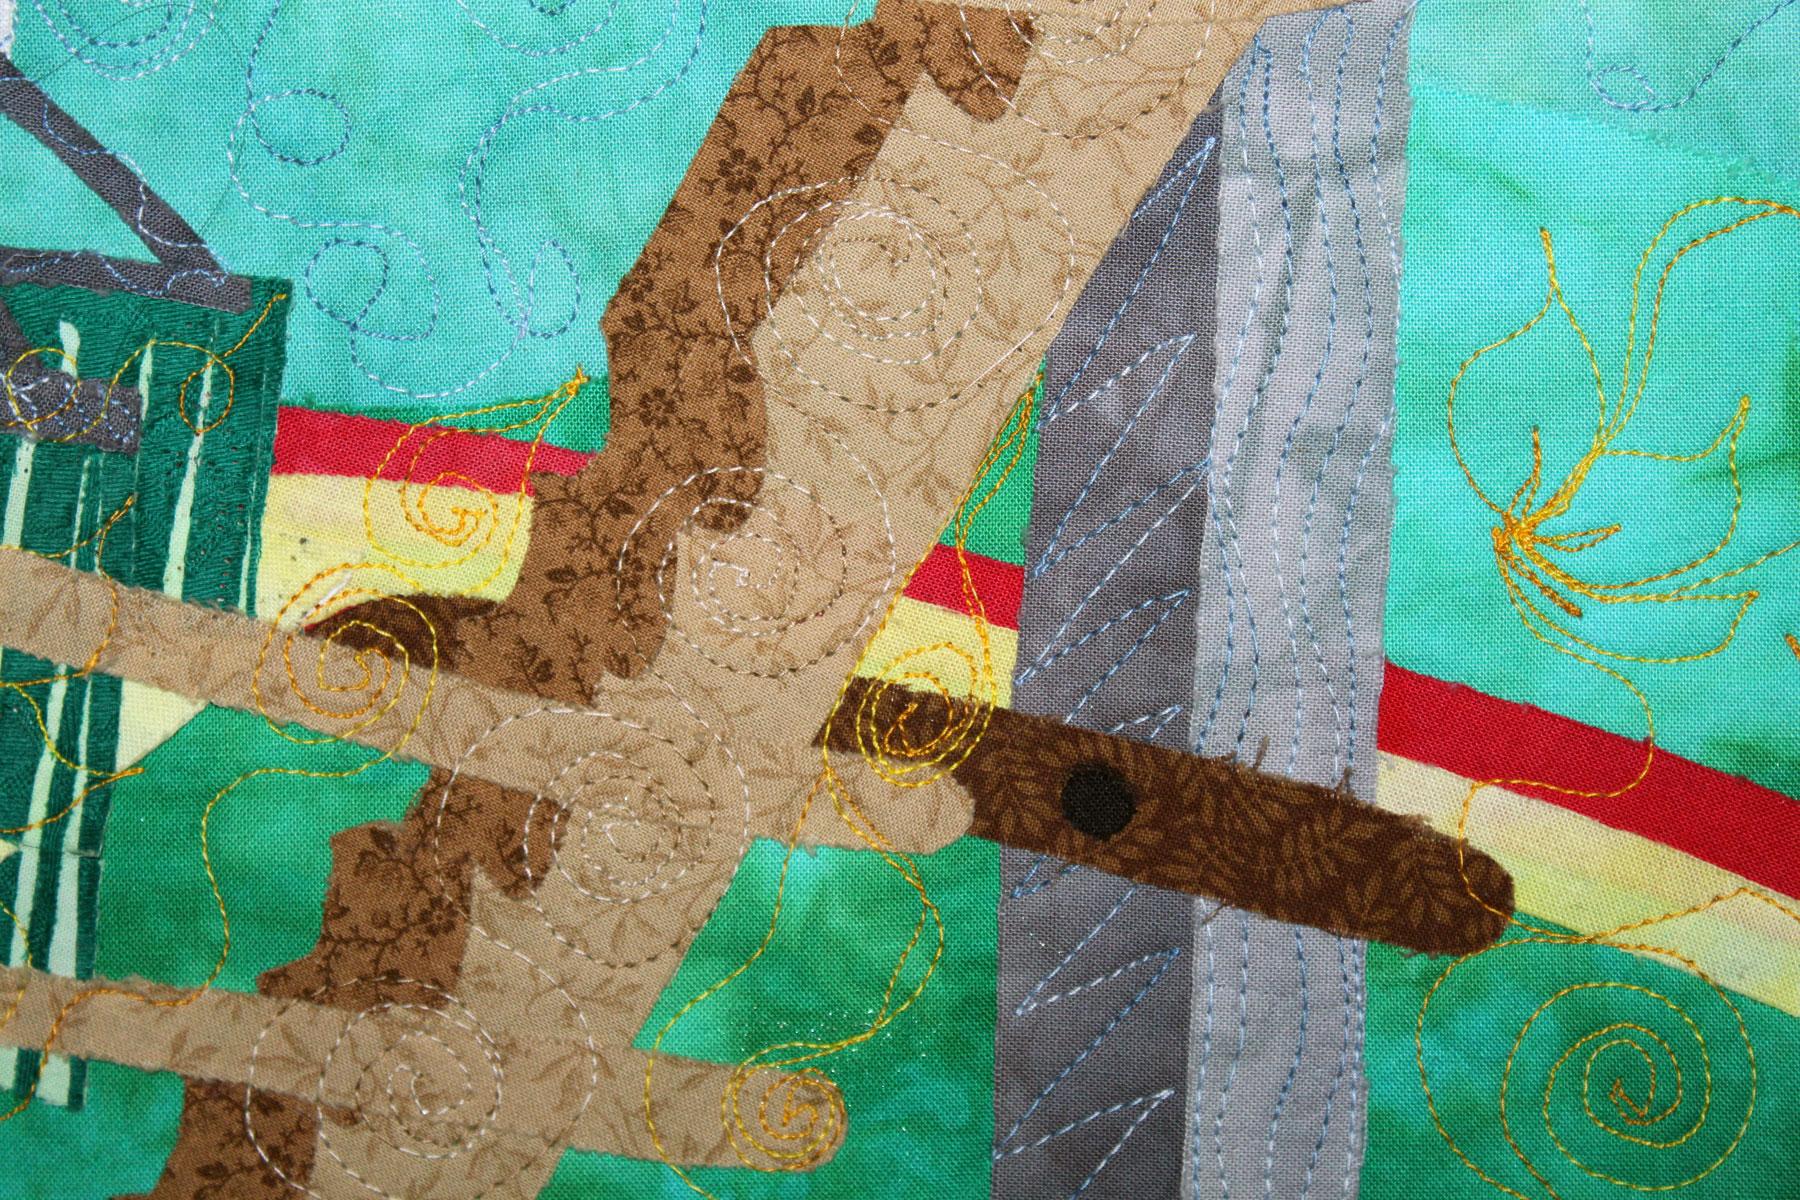 Textile Art| Fiber Art | Art Quilt | Craft | Pandemic